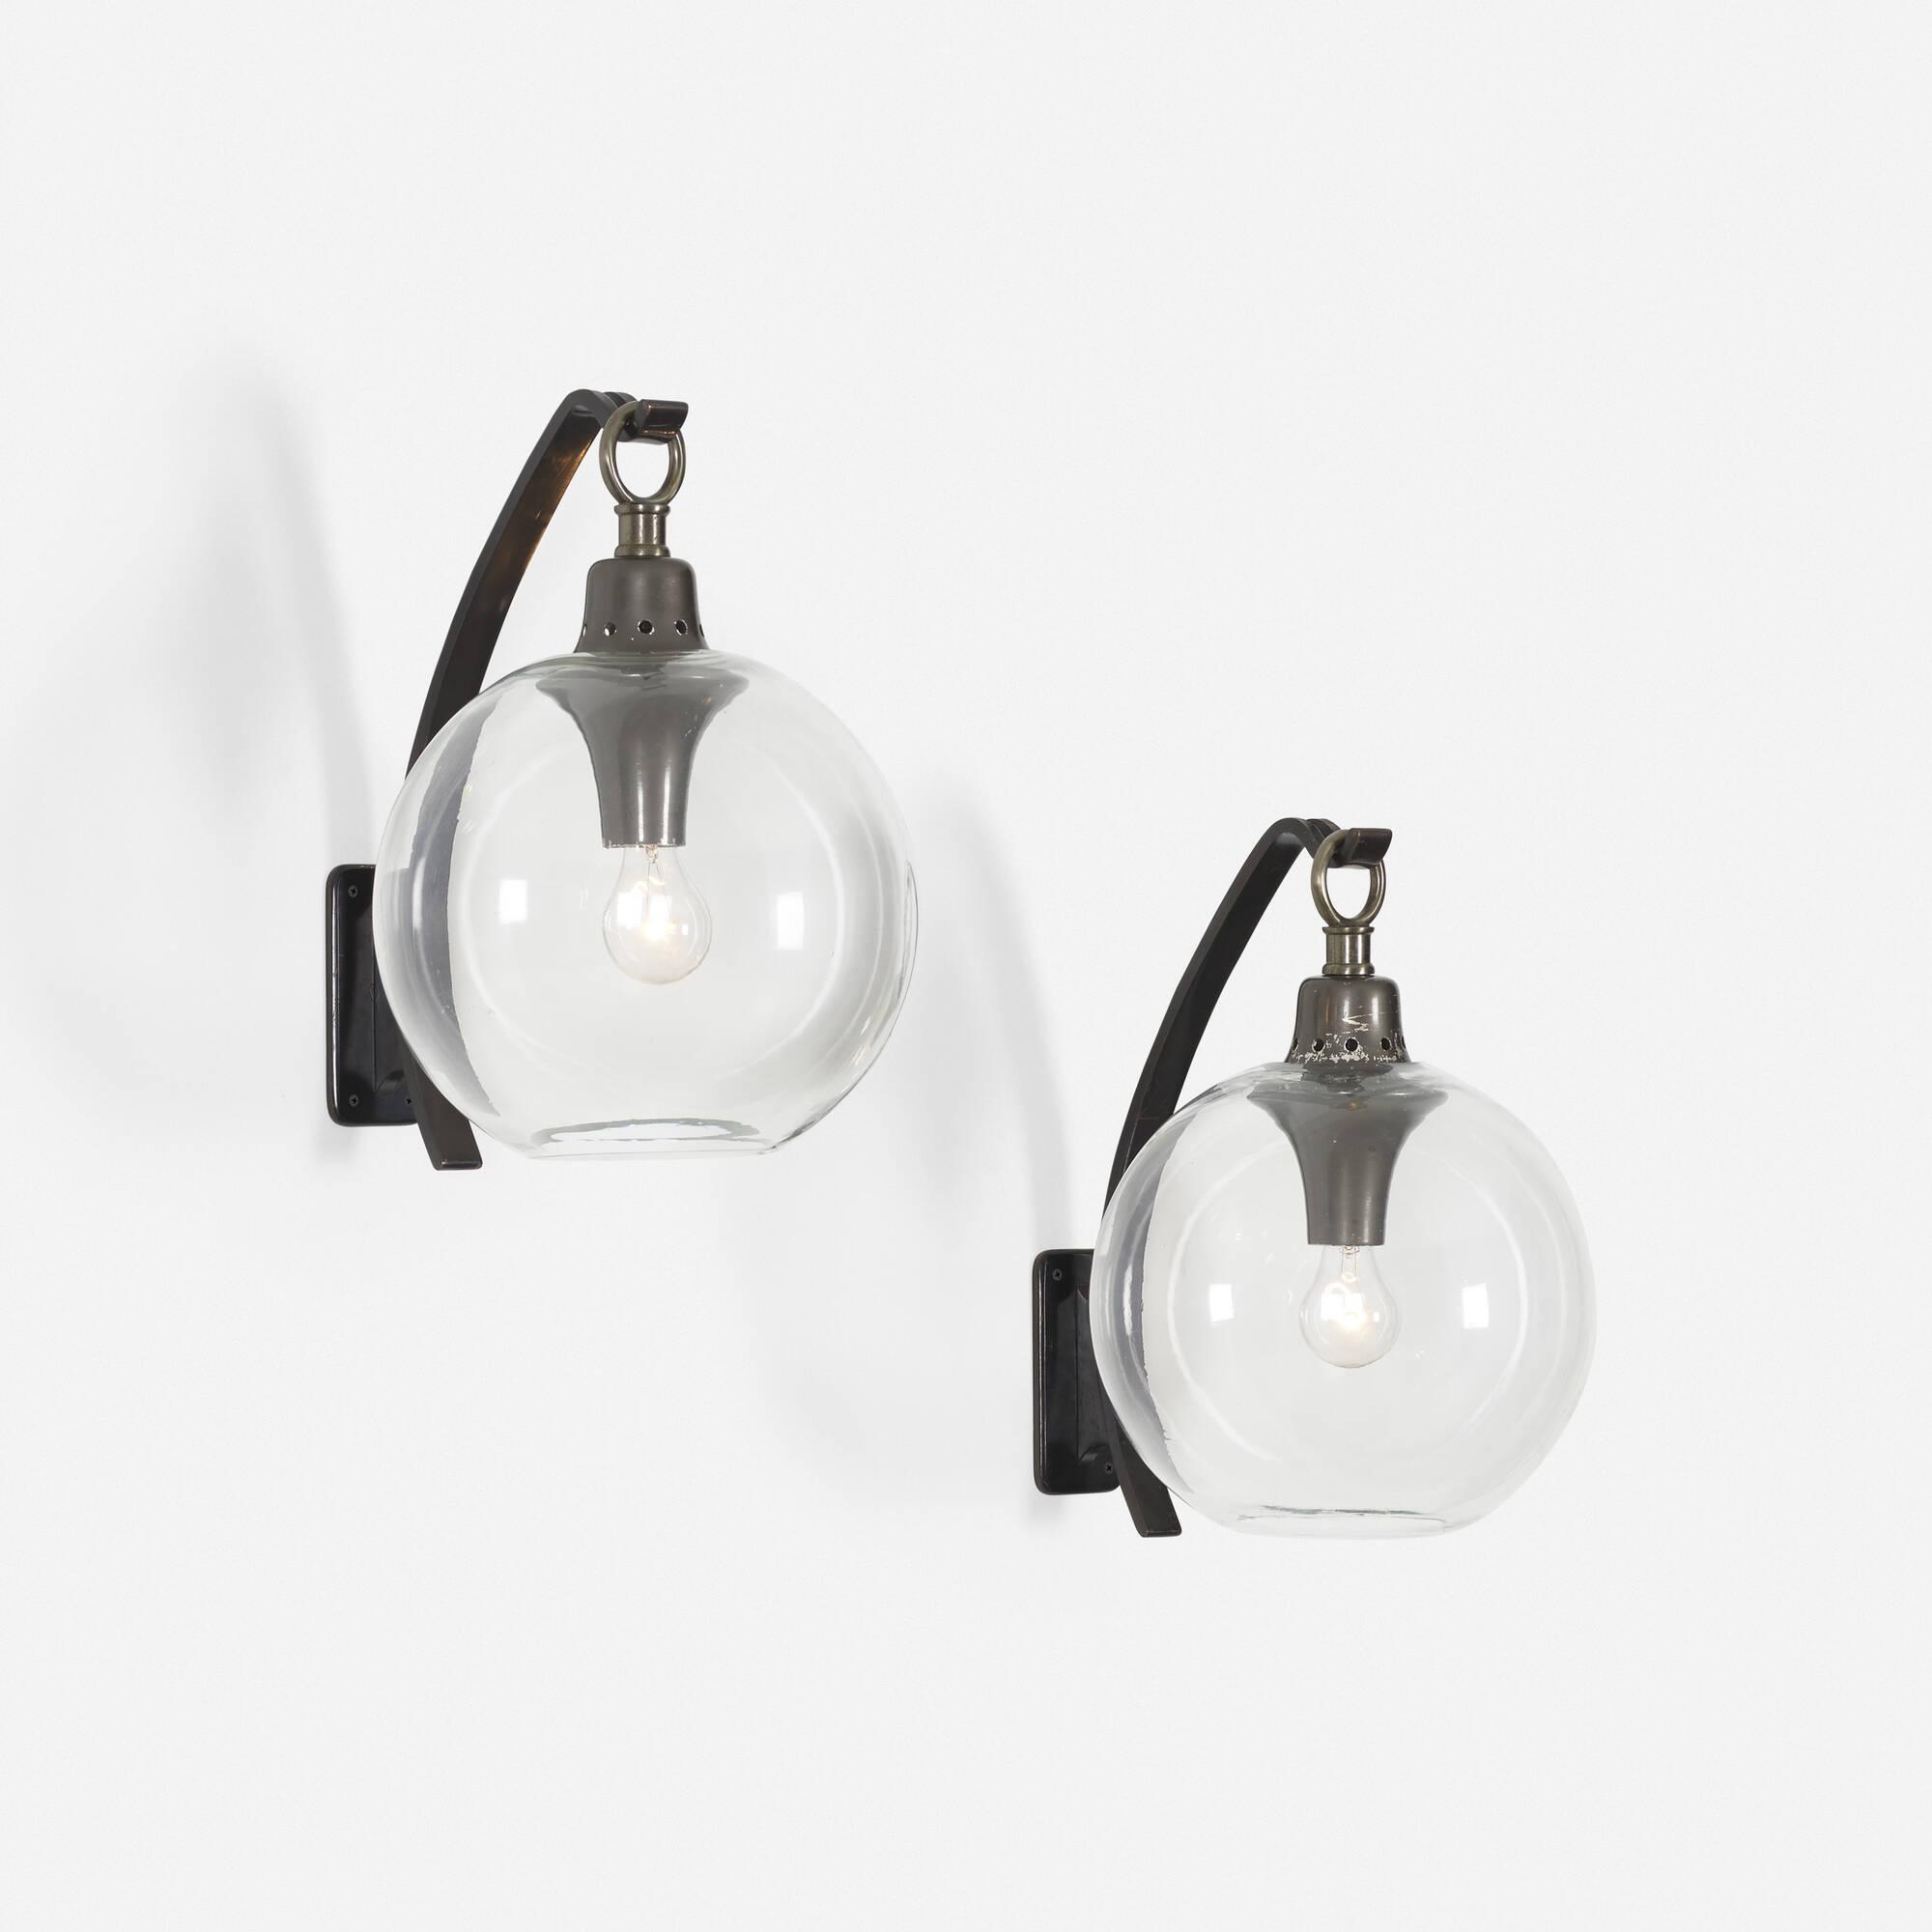 291: Luigi Caccia Dominioni / Boccia wall lamps, pair (1 of 1)